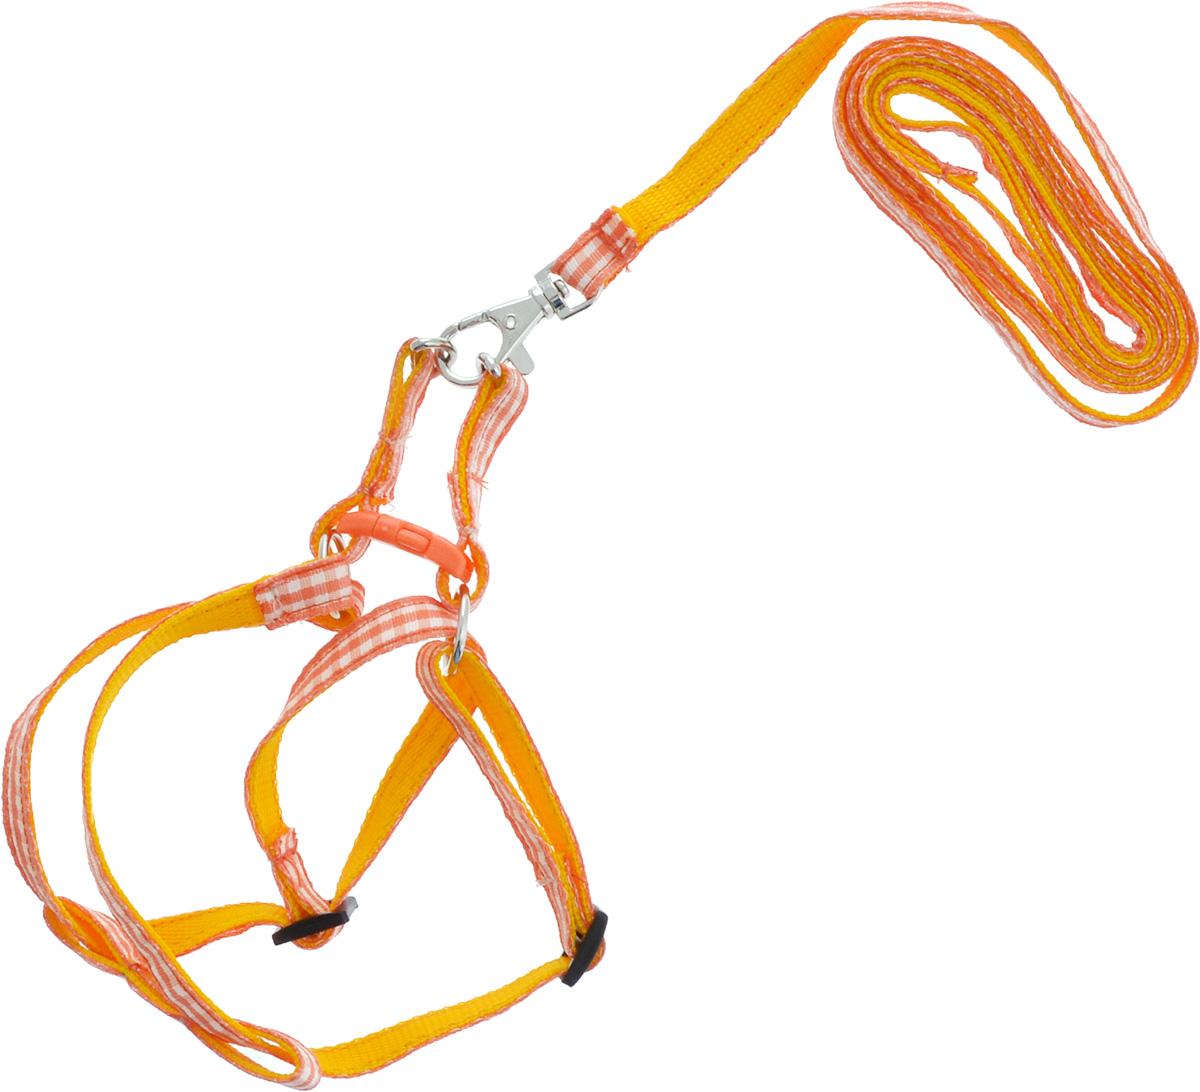 Комплект для собак GLG Клетка: шлейка, поводок, цвет: оранжевый, 2 предметаAMG0815-18-36Комплект для собак GLG Клетка изготовлена из высококачественного нейлона, подходит для собак малых и средних размеров. В комплект входит шлейка и поводок. Крепкие металлические и пластиковые элементы делают ее надежной и долговечной. Изделие оснащено светоотражающими полосами.Шлейка - это альтернатива ошейнику. Правильно подобранная шлейка не стесняет движения питомца, не натирает кожу, поэтому животное чувствует себя в ней уверенно и комфортно. Поводок - необходимый аксессуар для собаки. Ведь в опасных ситуациях именно он способен спасти жизнь вашему любимому питомцу. Изделия отличаются высоким качеством, удобством и универсальностью.Размер регулируется при помощи пряжки. Уважаемые клиенты! Обращаем ваше внимание на цветовой ассортимент материала на внутренней стороне изделия. Поставка осуществляется в зависимости от наличия на складе.